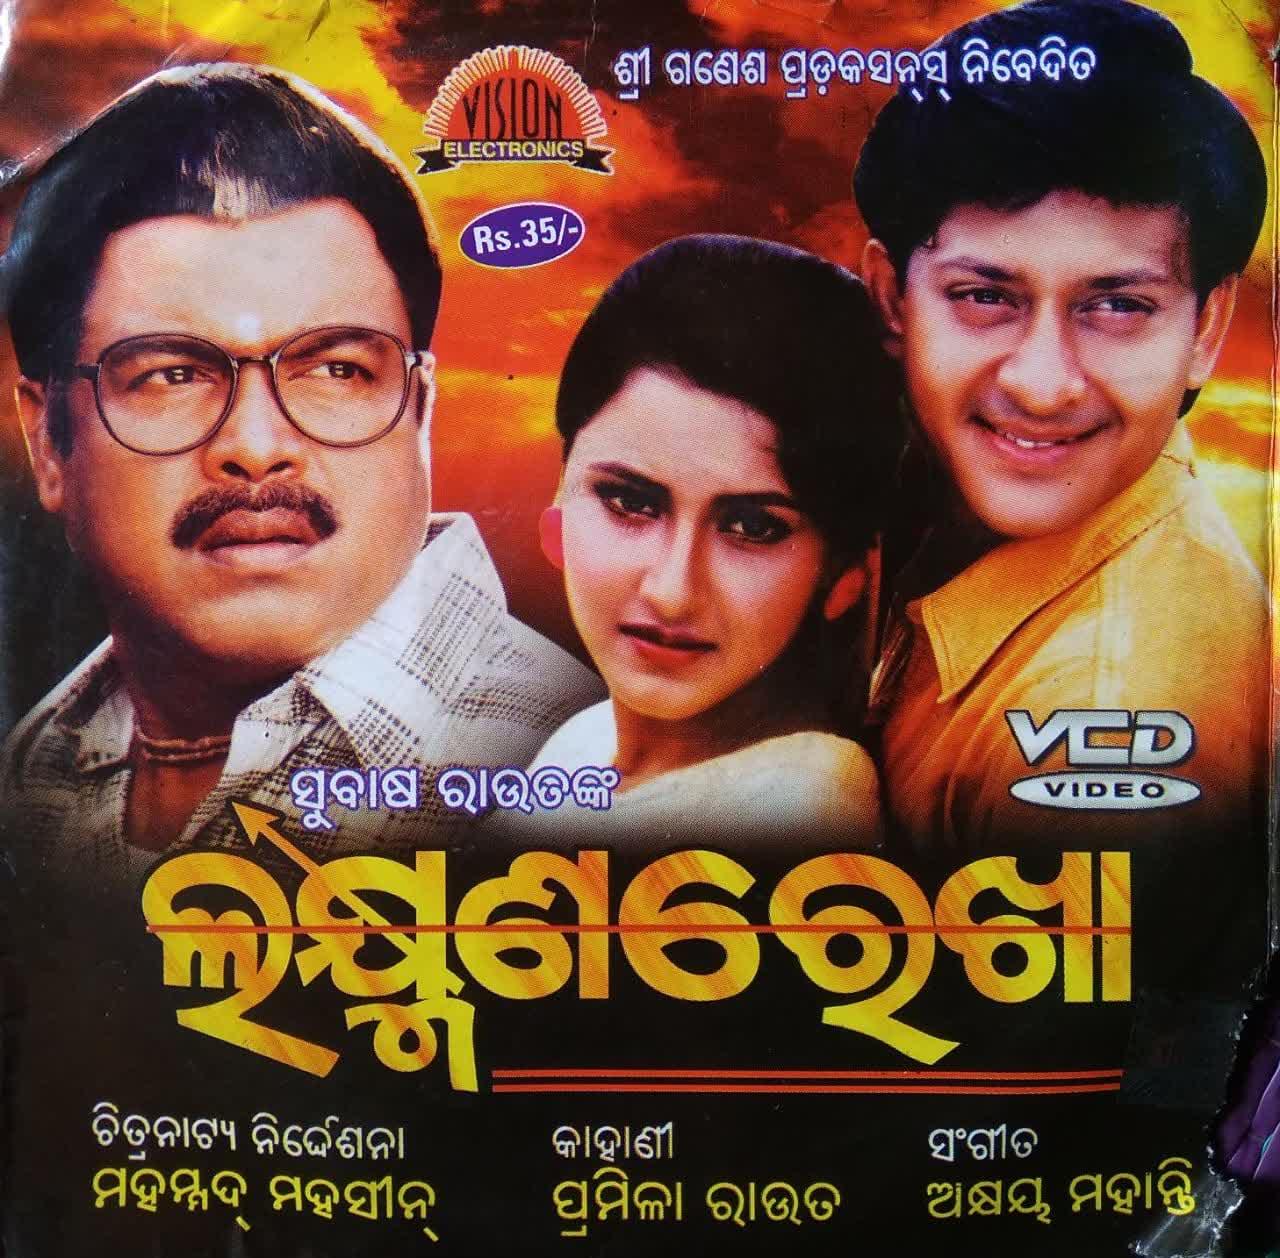 Sukha Dukha Hasa Kandha Sabu Jadi Bhagye Leka (Suresh Wadkar)